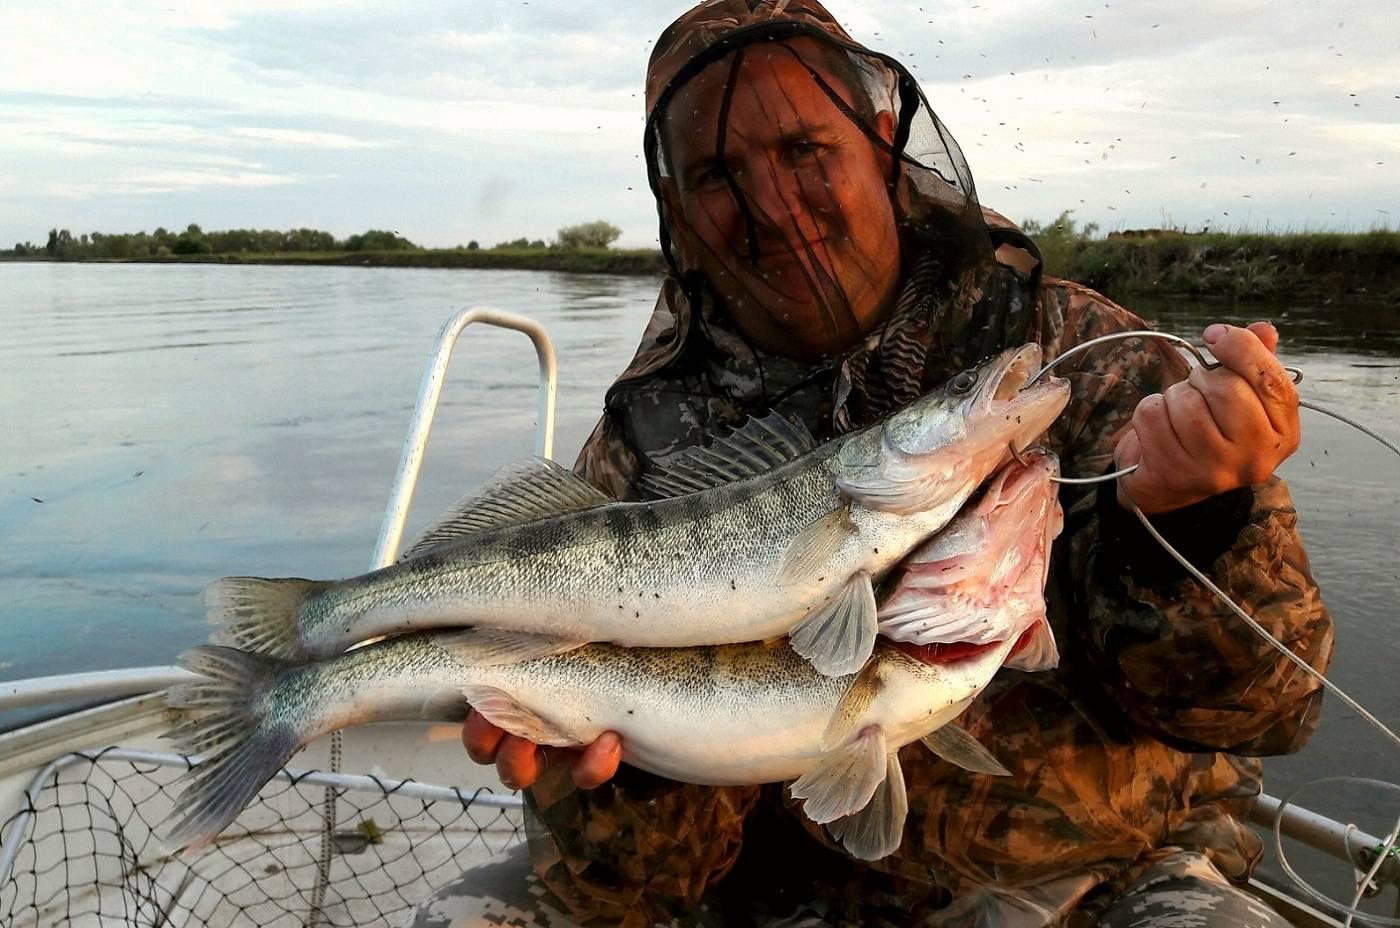 Что брать с собой на рыбалку: снасти для рыбалки - рыбалка на ахтубе с комфортом - база трёхречье